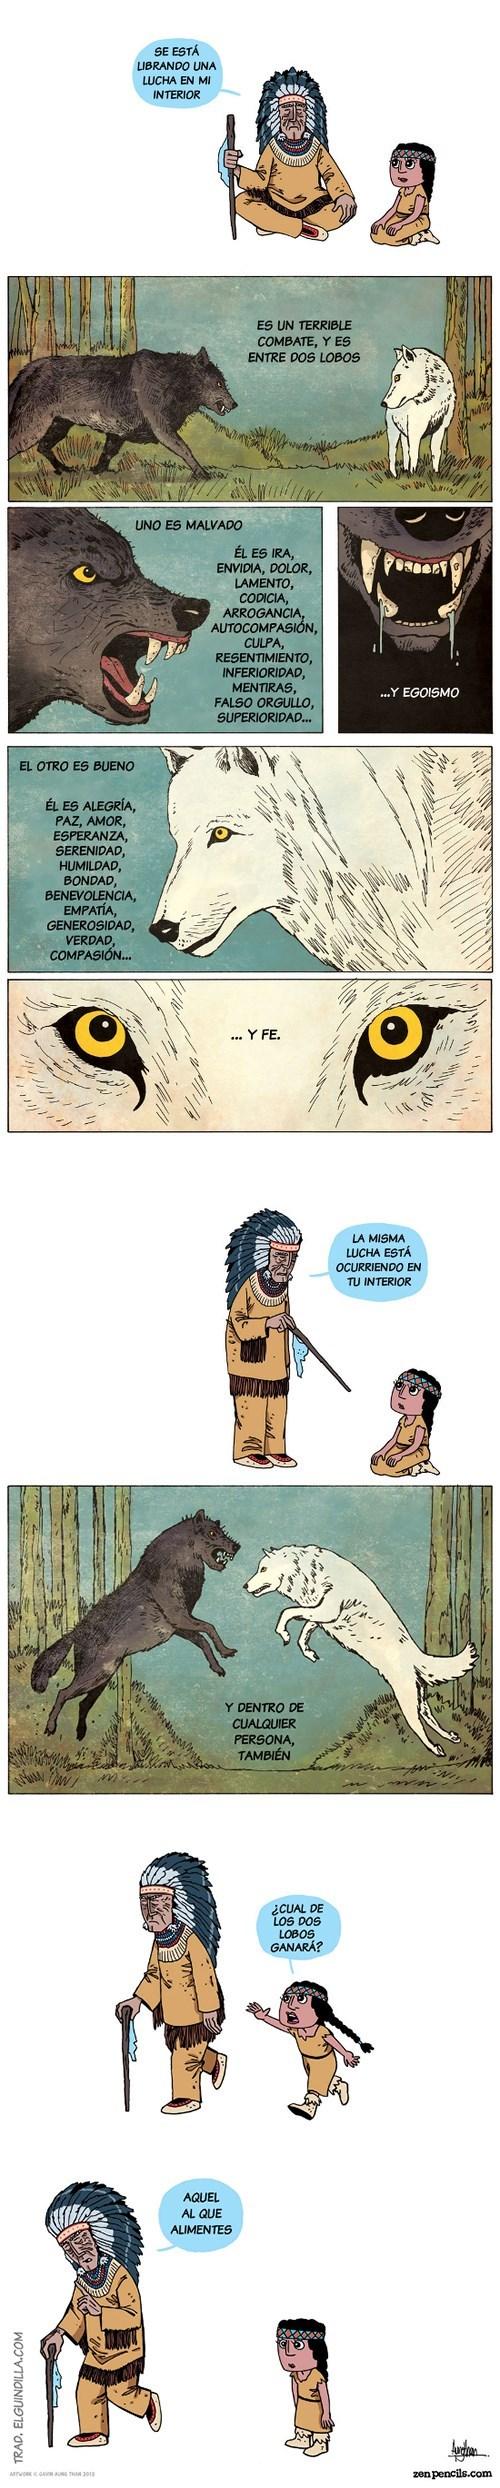 comic de elguindilla de la batalla de los dos lobos